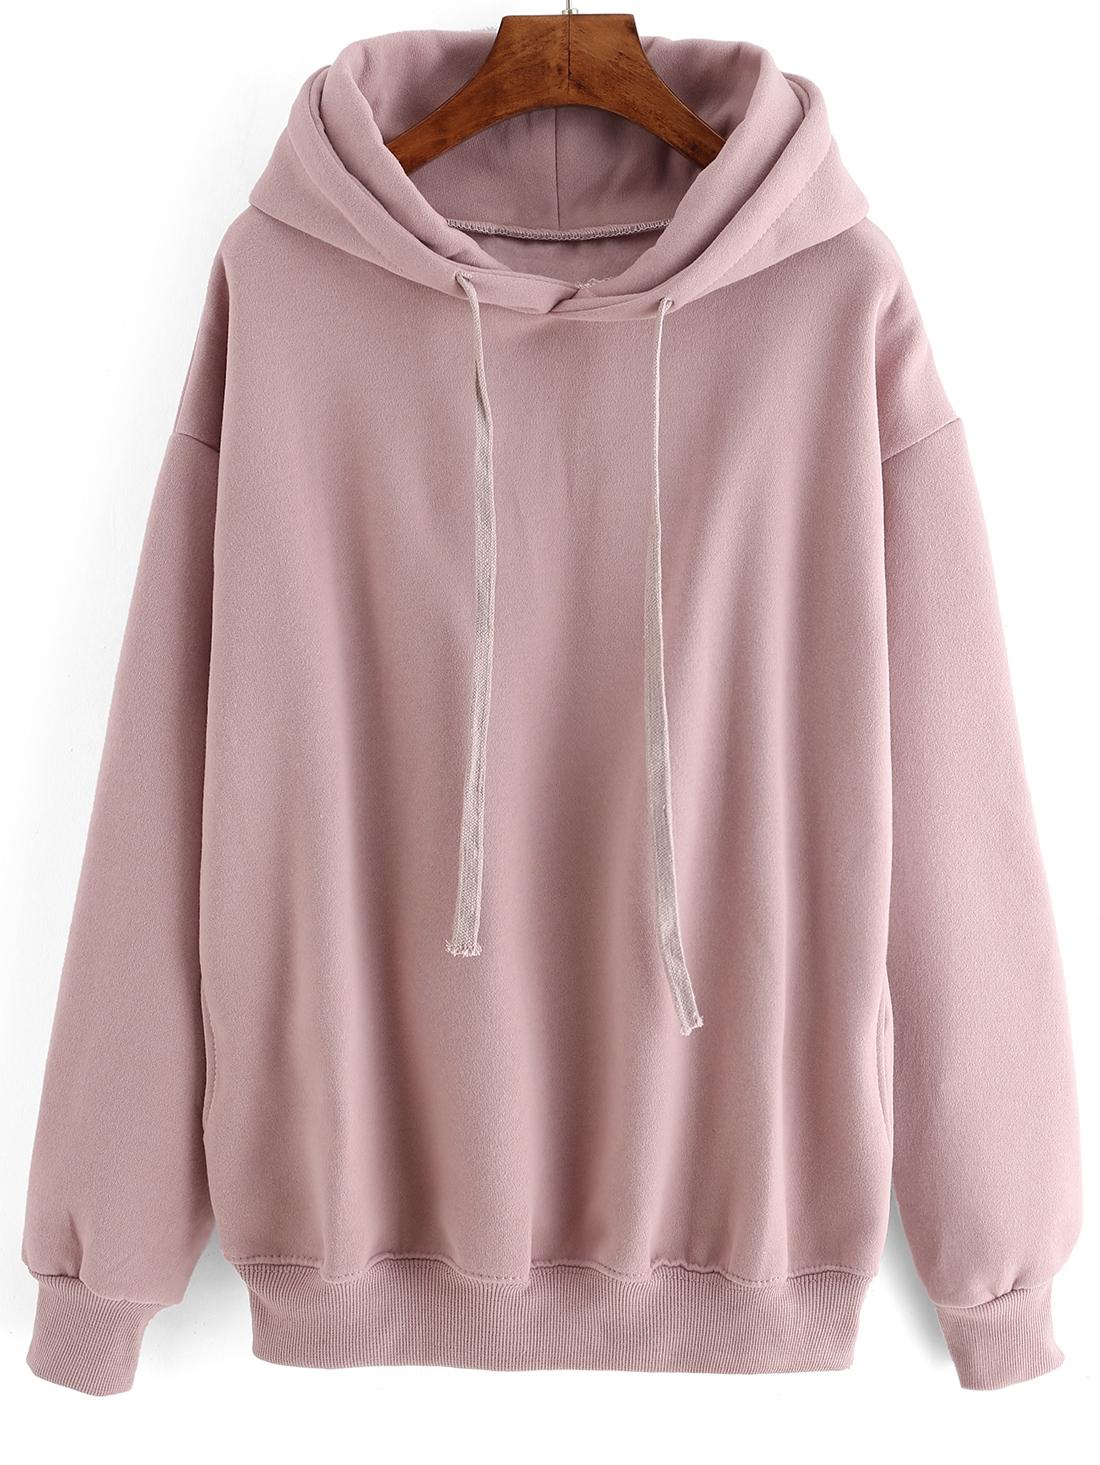 b2c442ed Hooded Drawstring Loose Pink Sweatshirt | ROMWE